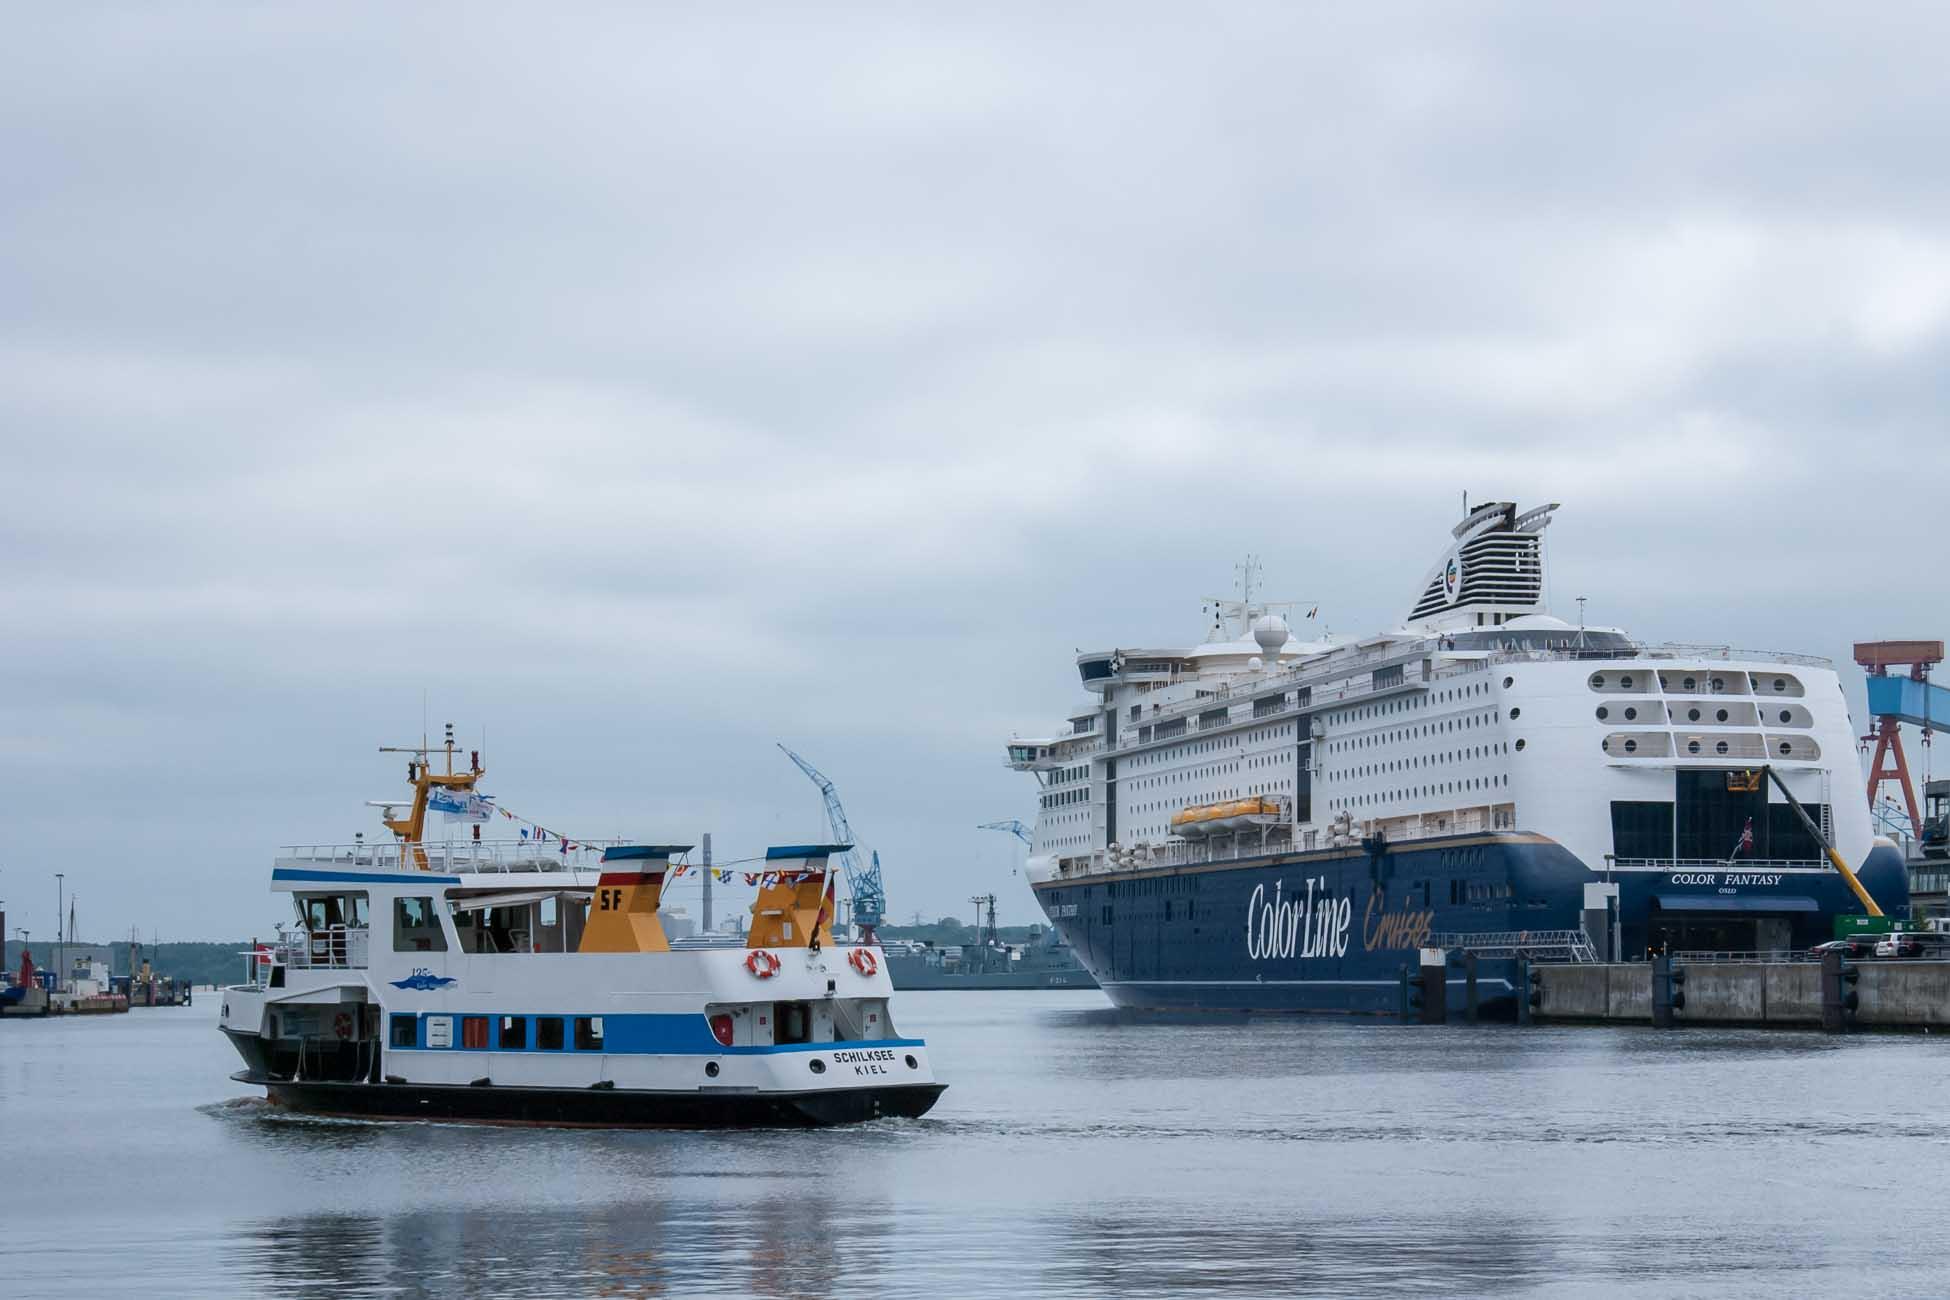 Colorline Minikreuzfahrt Kiel Oslo